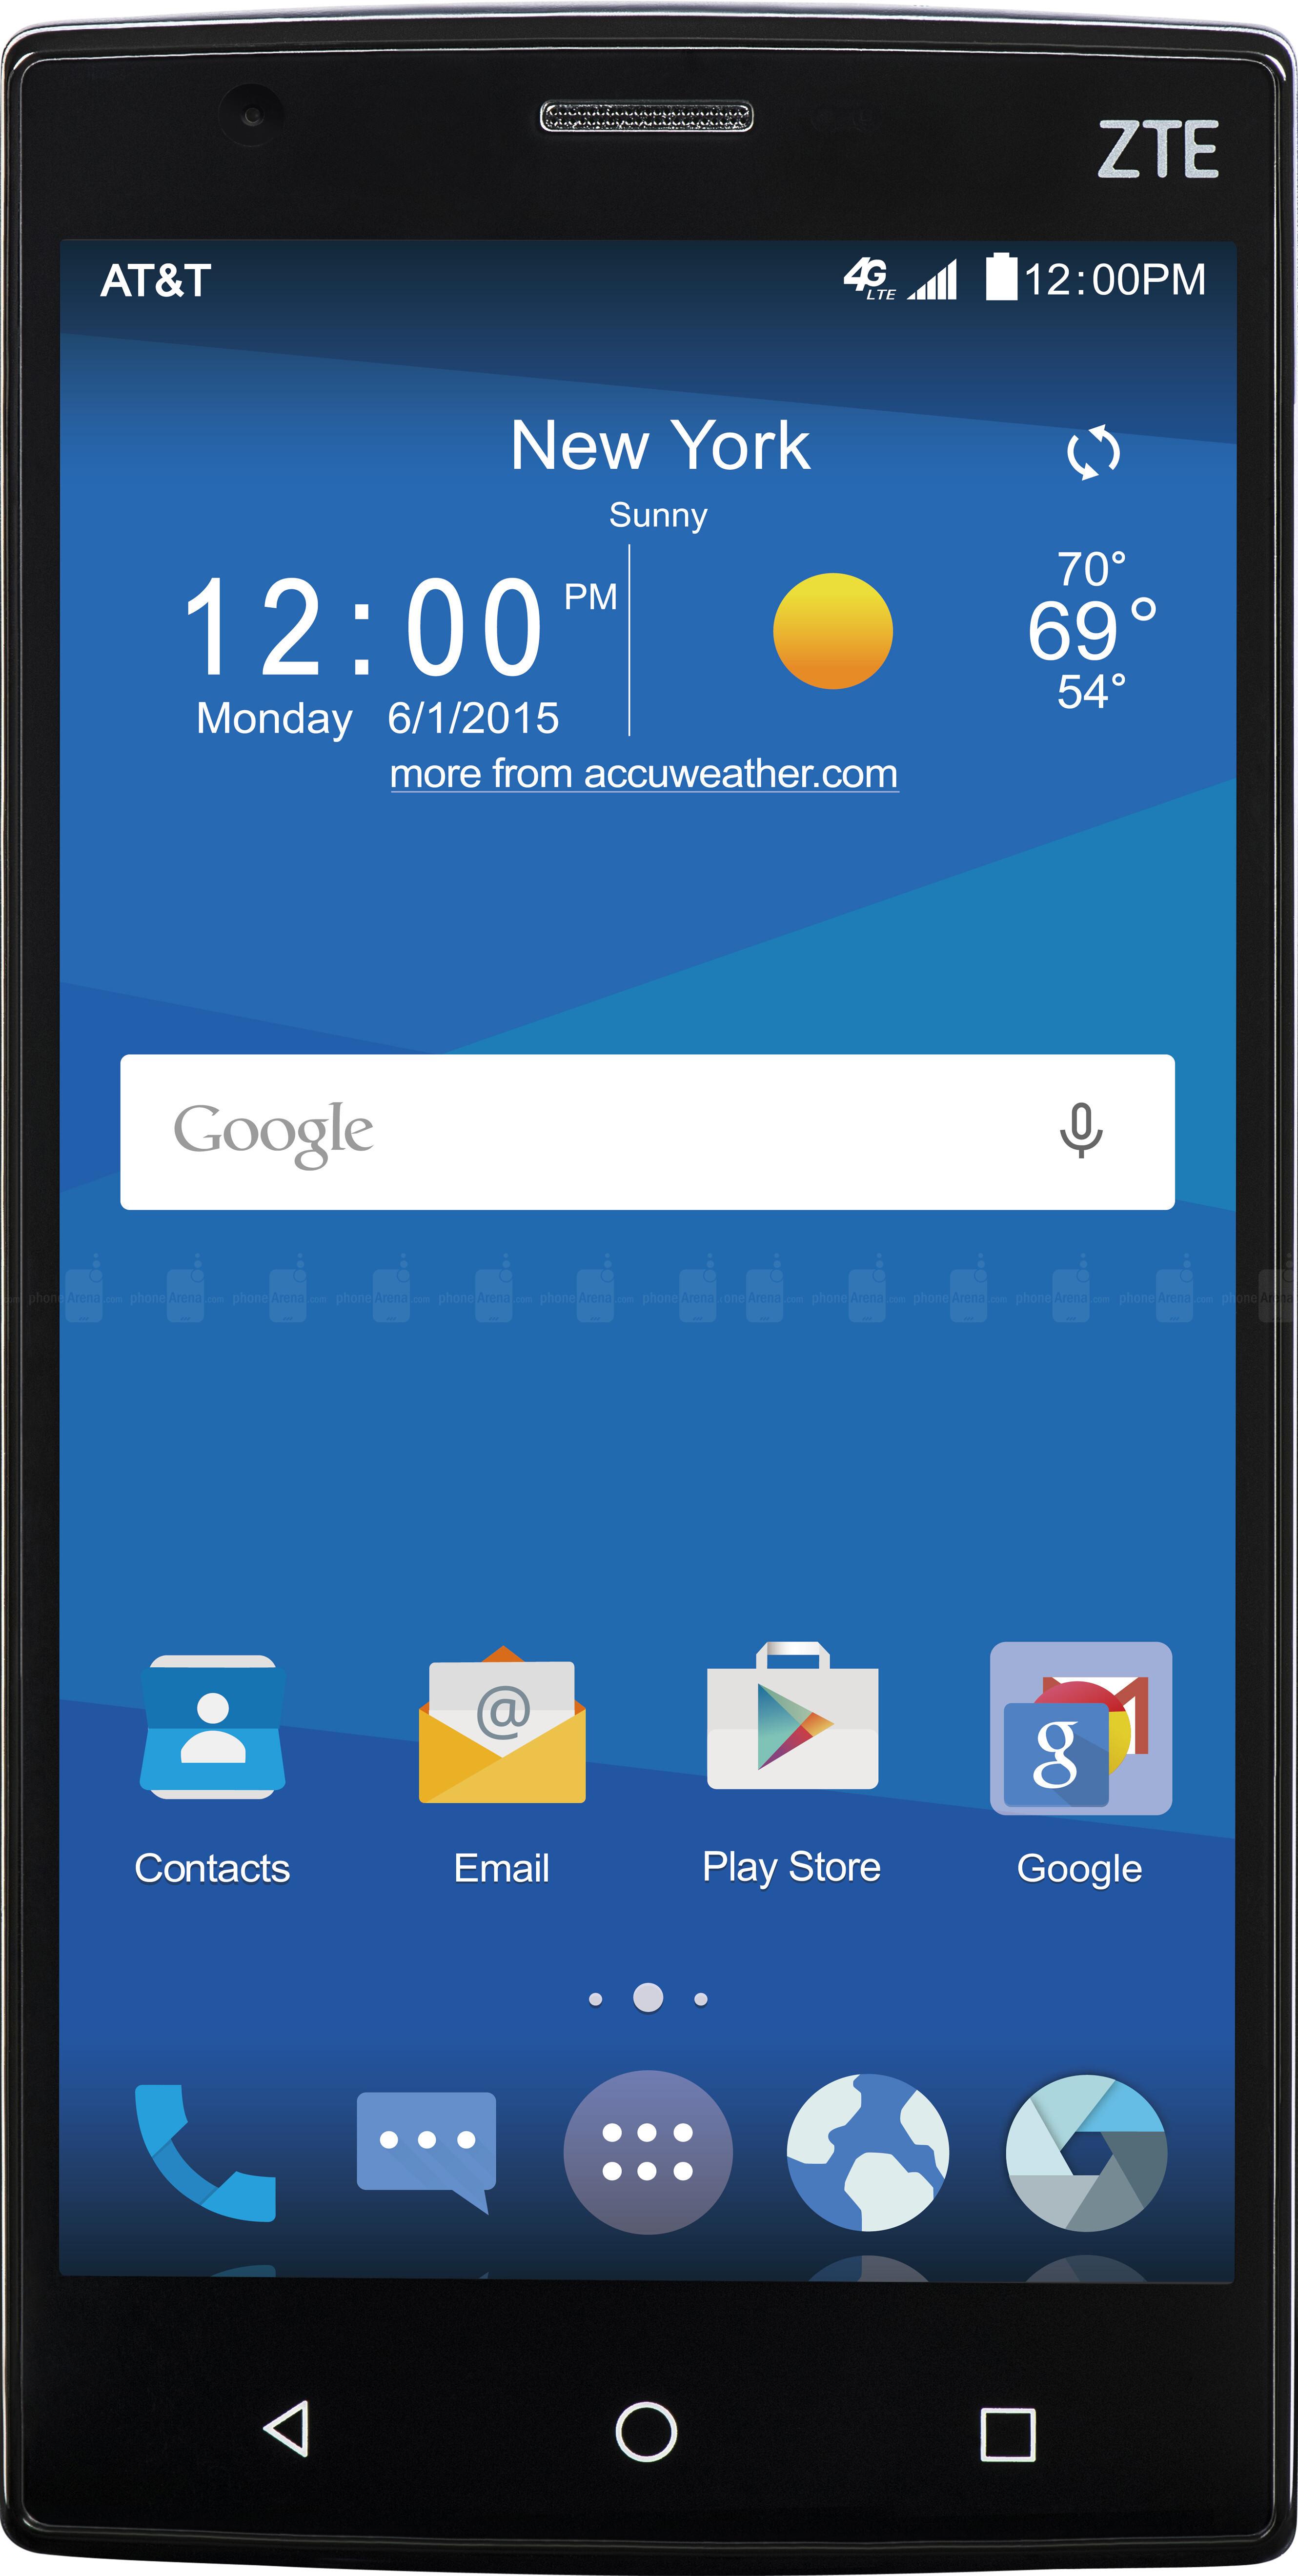 LG Phoenix 3 vs ZTE ZMAX 2 - Visual phone size compare